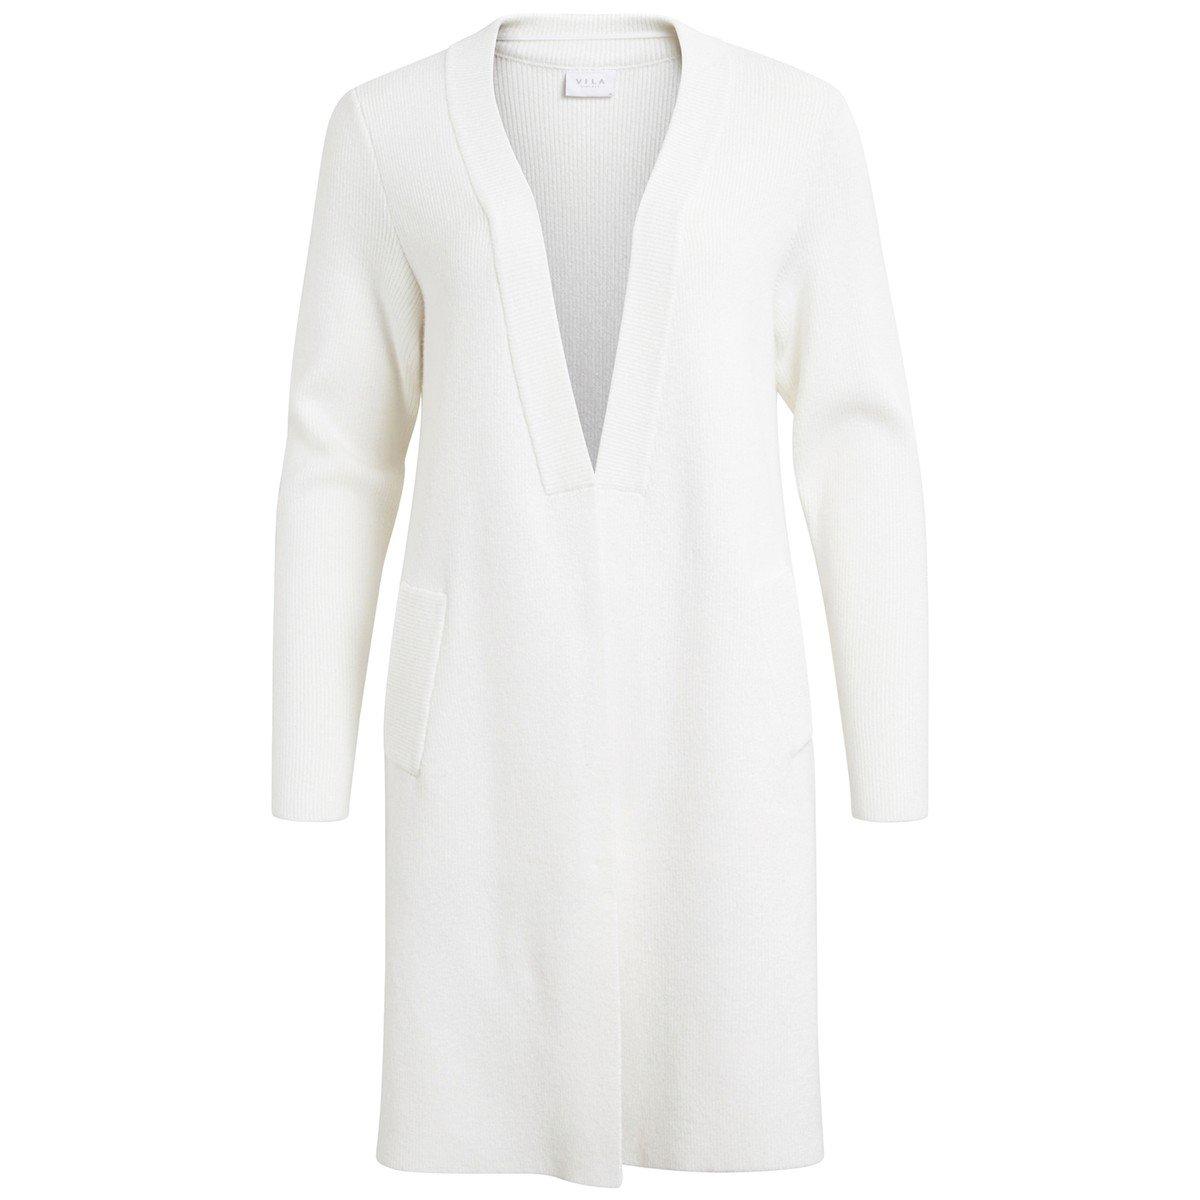 Vila Womens Jumper/Sweater Style Cardigan&Nbsp; Beige Size S